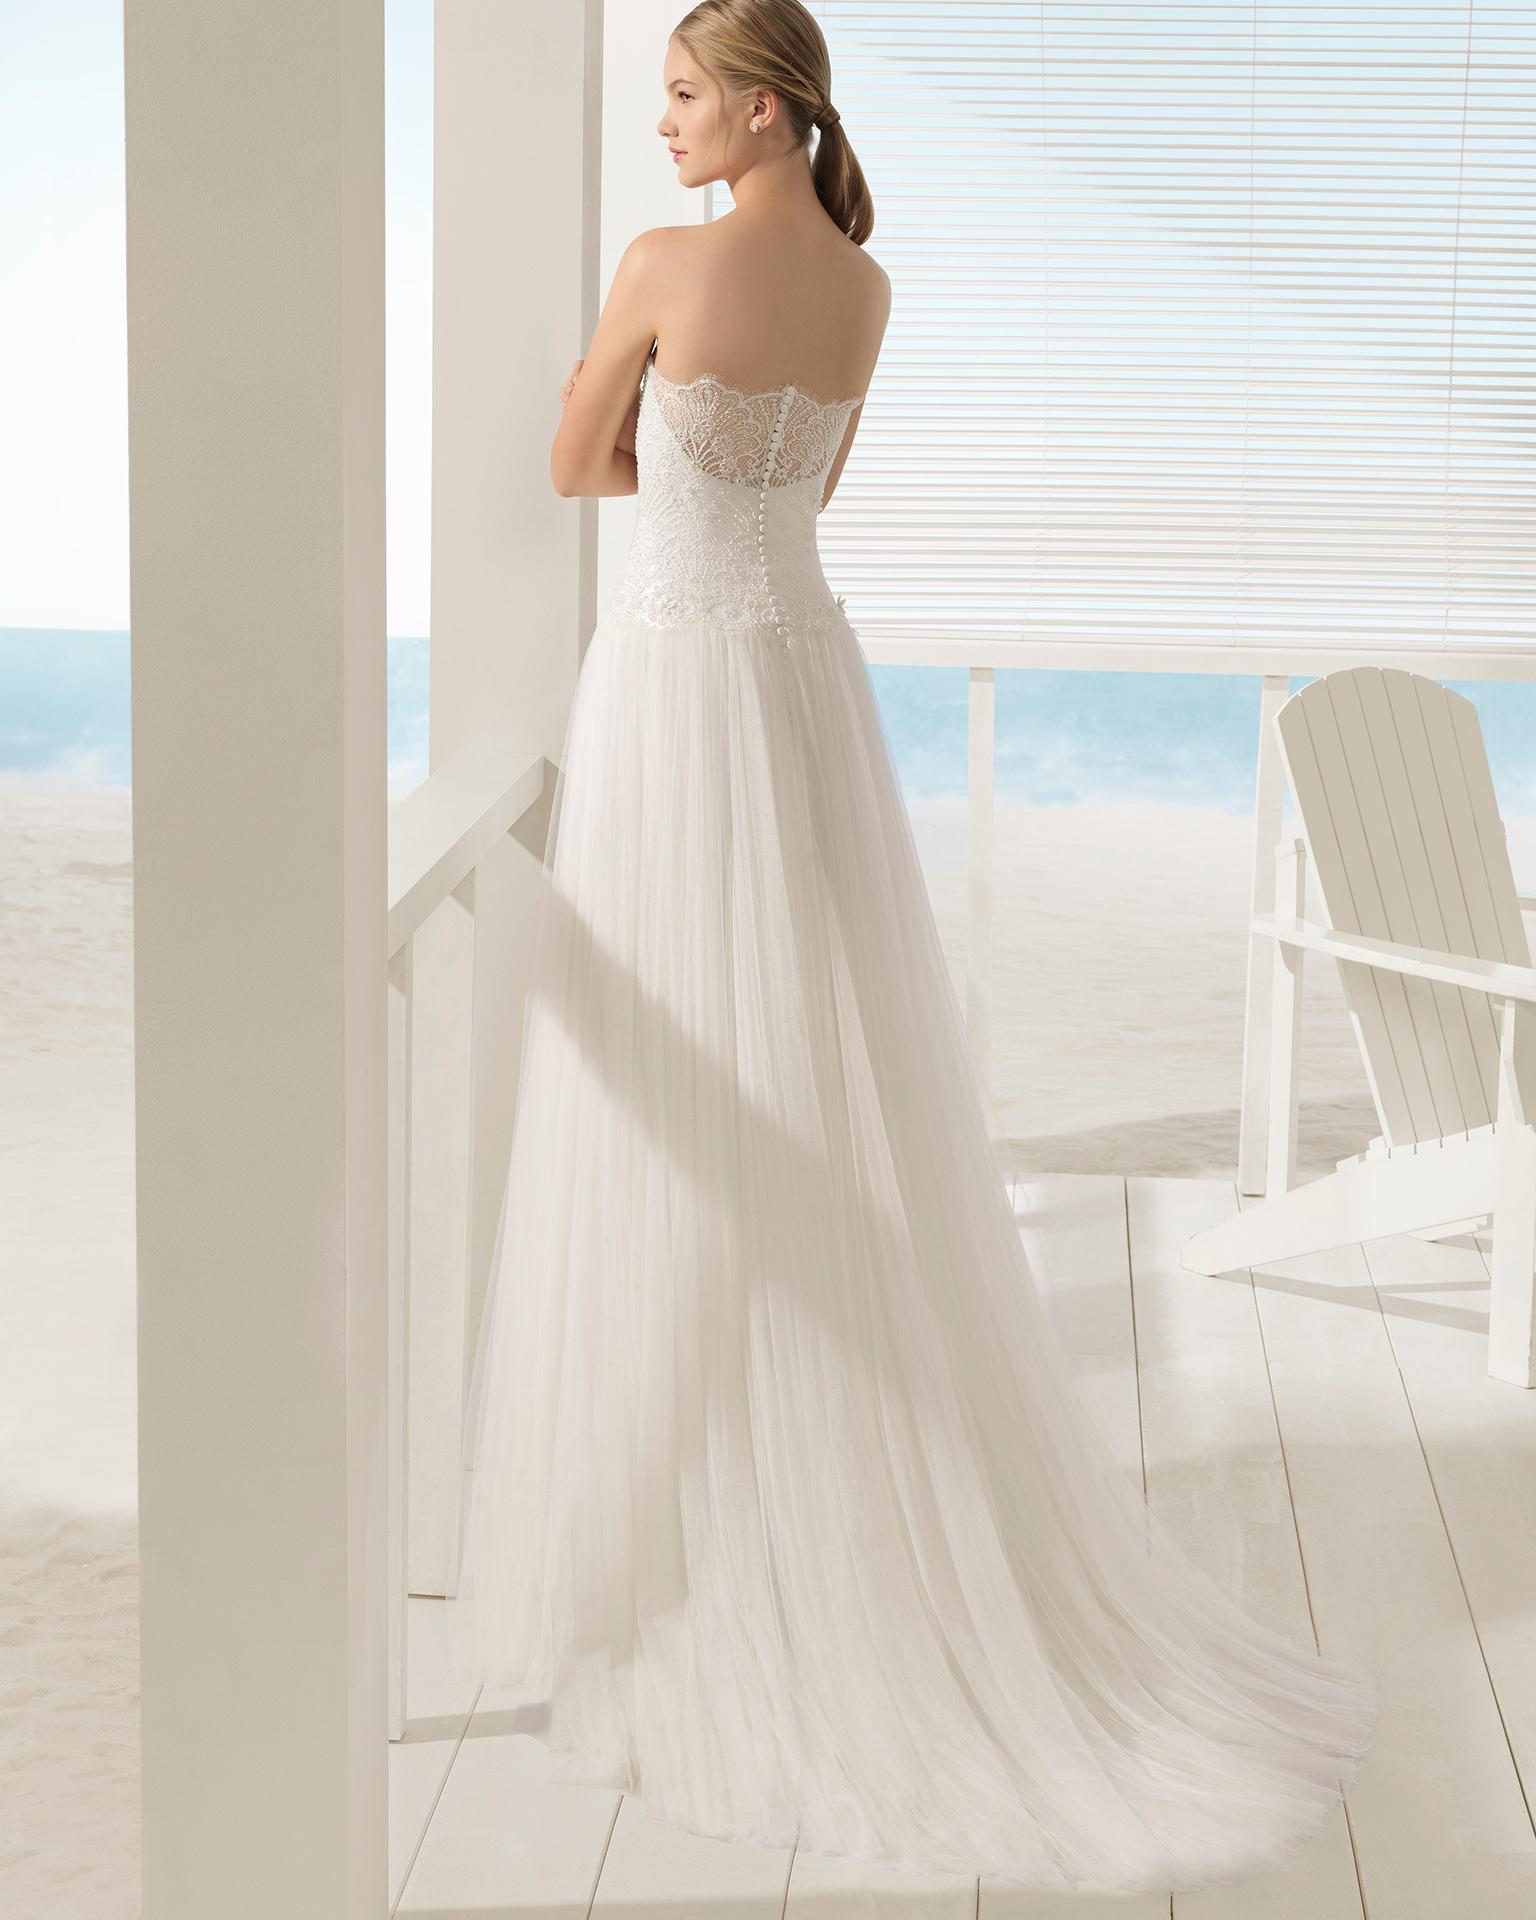 Vestido de noiva estilo linha A de tule, renda e brilhantes, decote caicai com transparências e jaqueta.